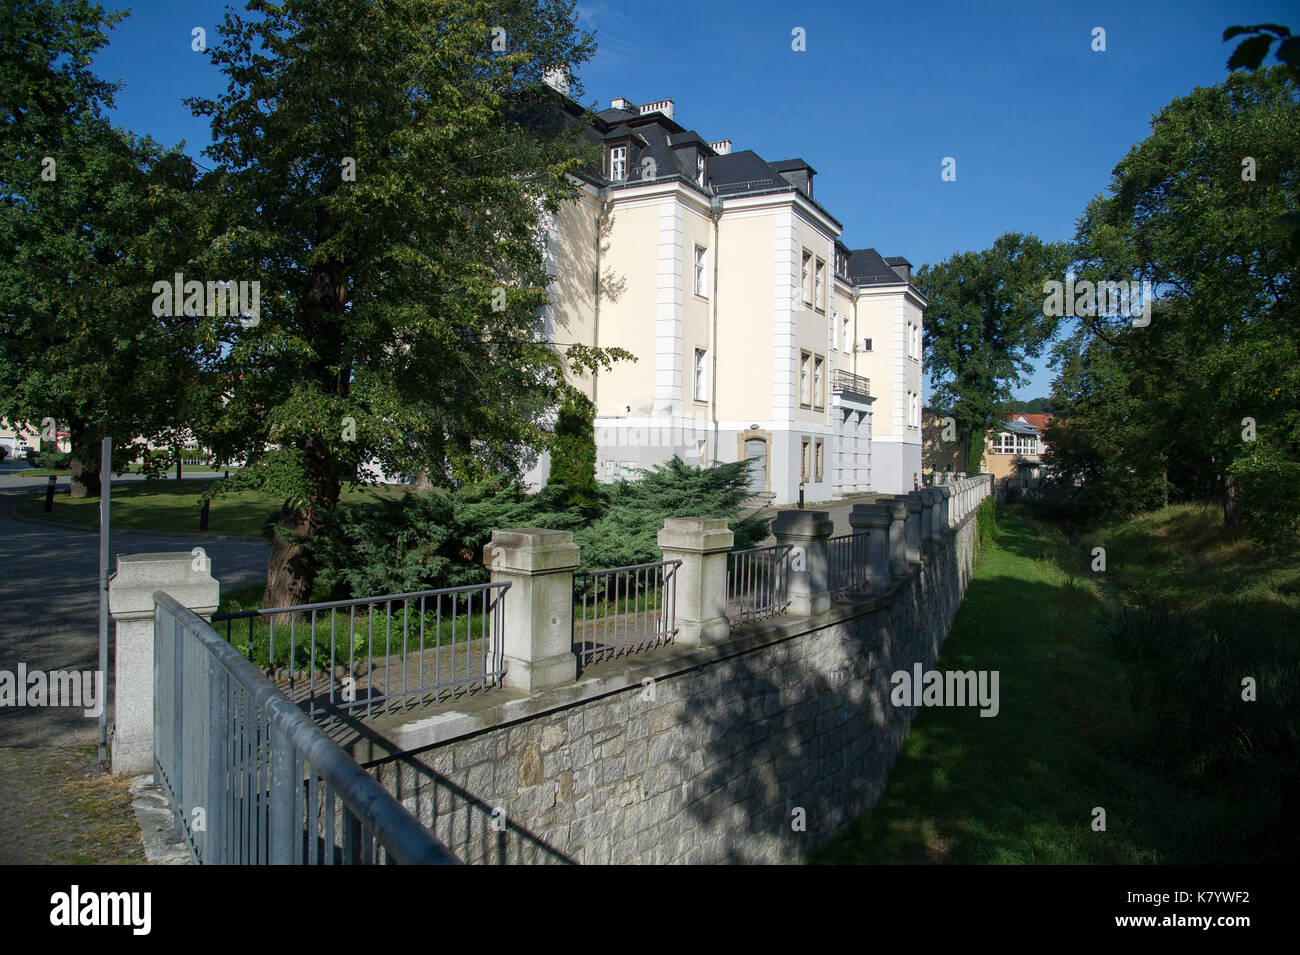 Krzyzowa Palace in Krzyzowa, Poland. 24 August 2017 © Wojciech Strozyk / Alamy Stock Photo - Stock Image